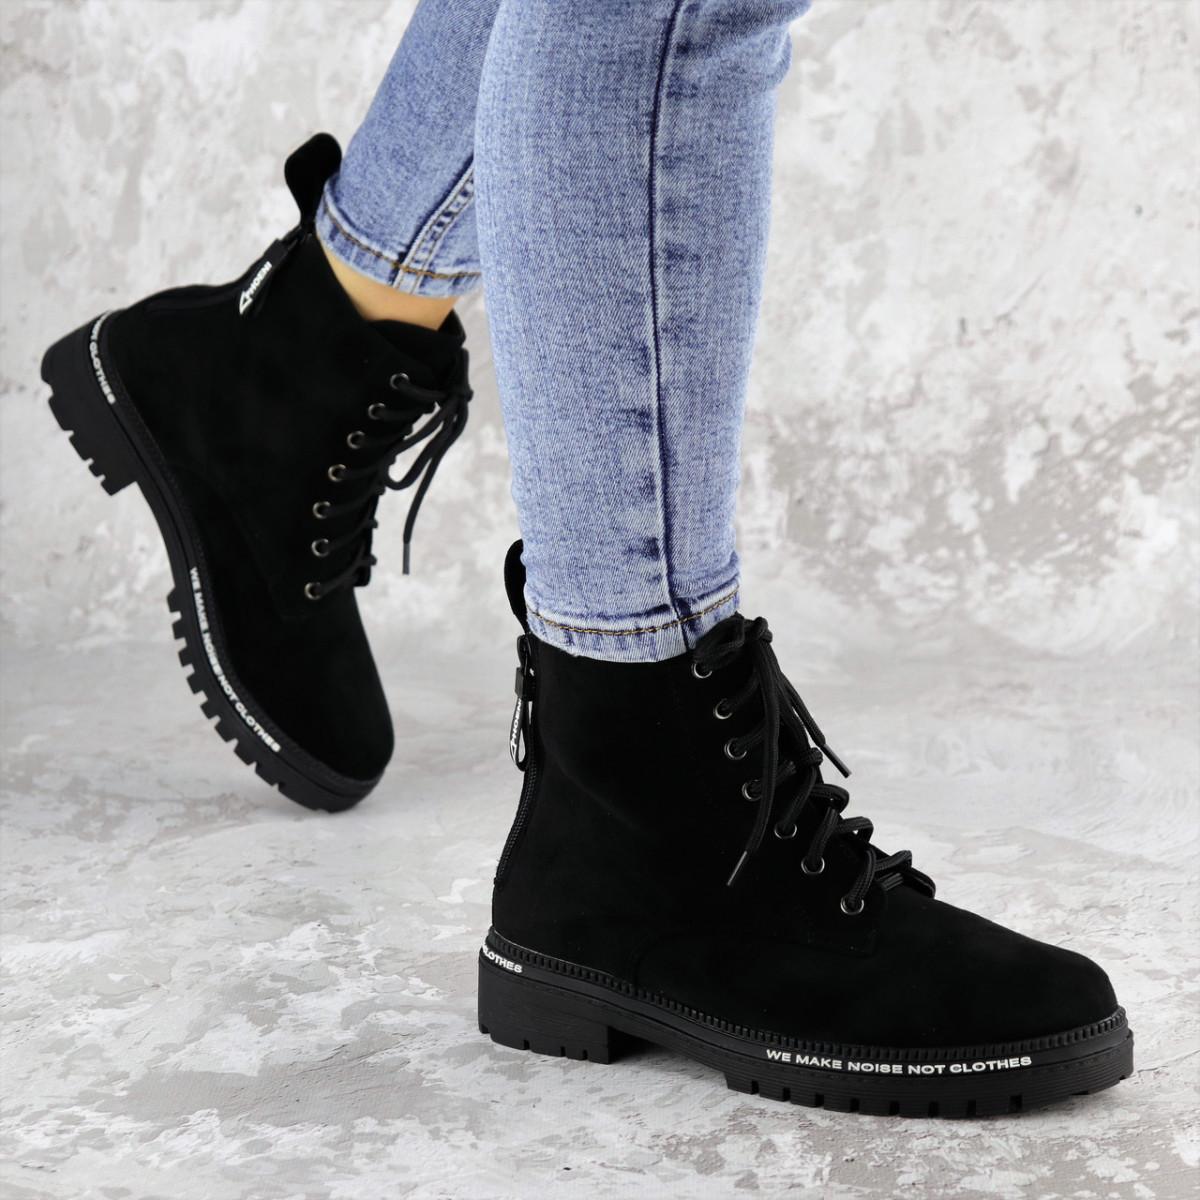 Ботинки женские Fashion Char 2191 38 размер 24,5 см Черный